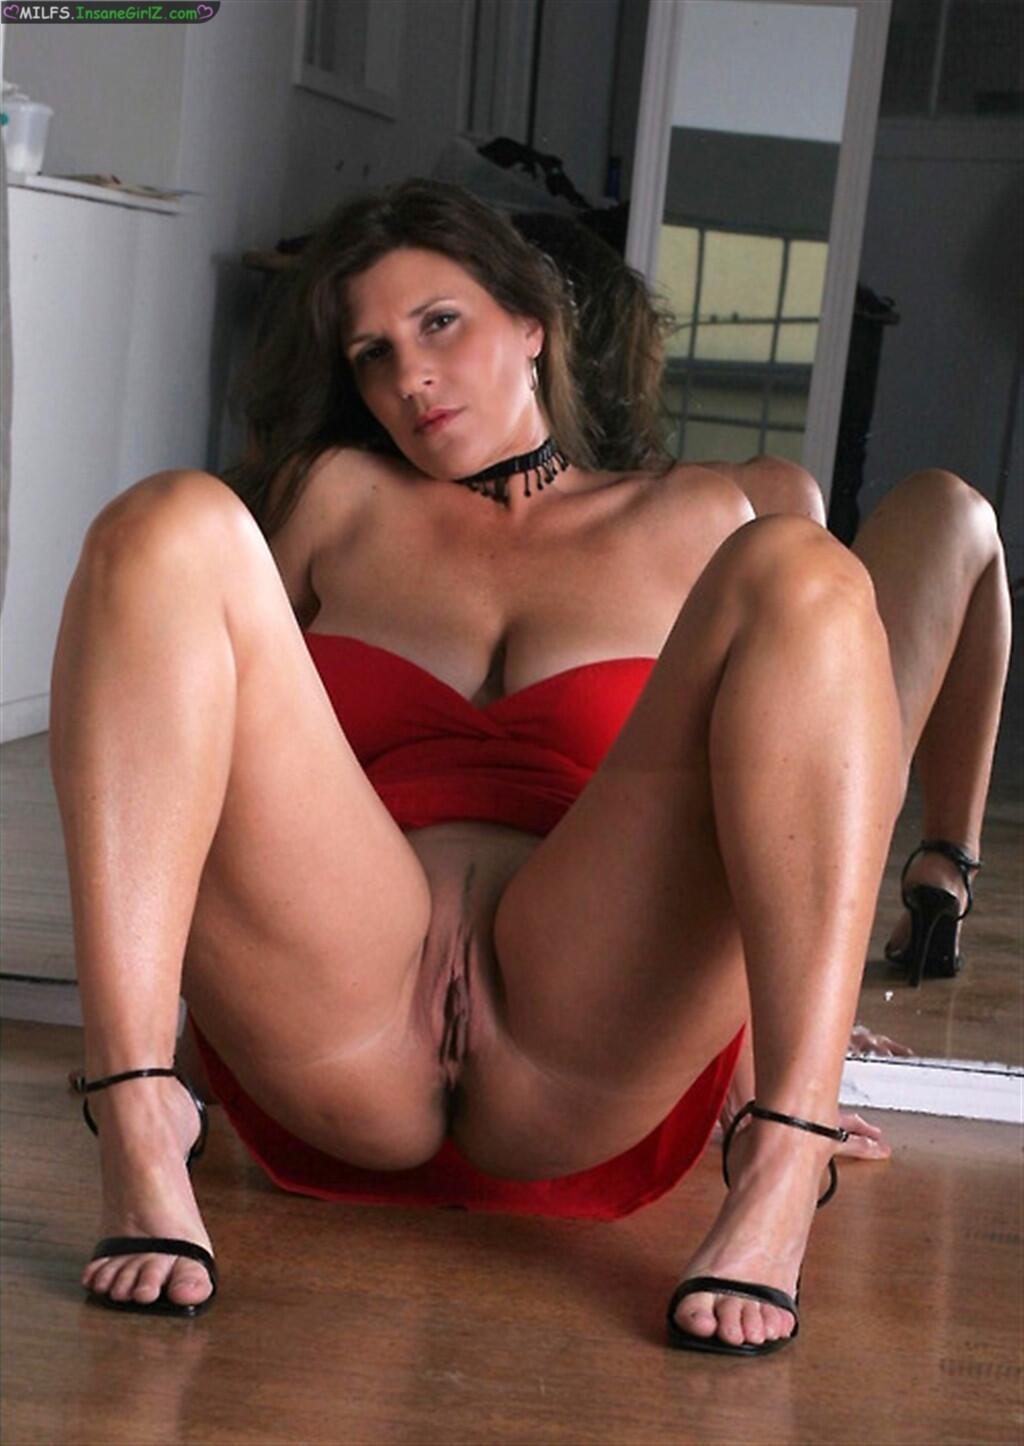 Фото женских фигур порно 19 фотография